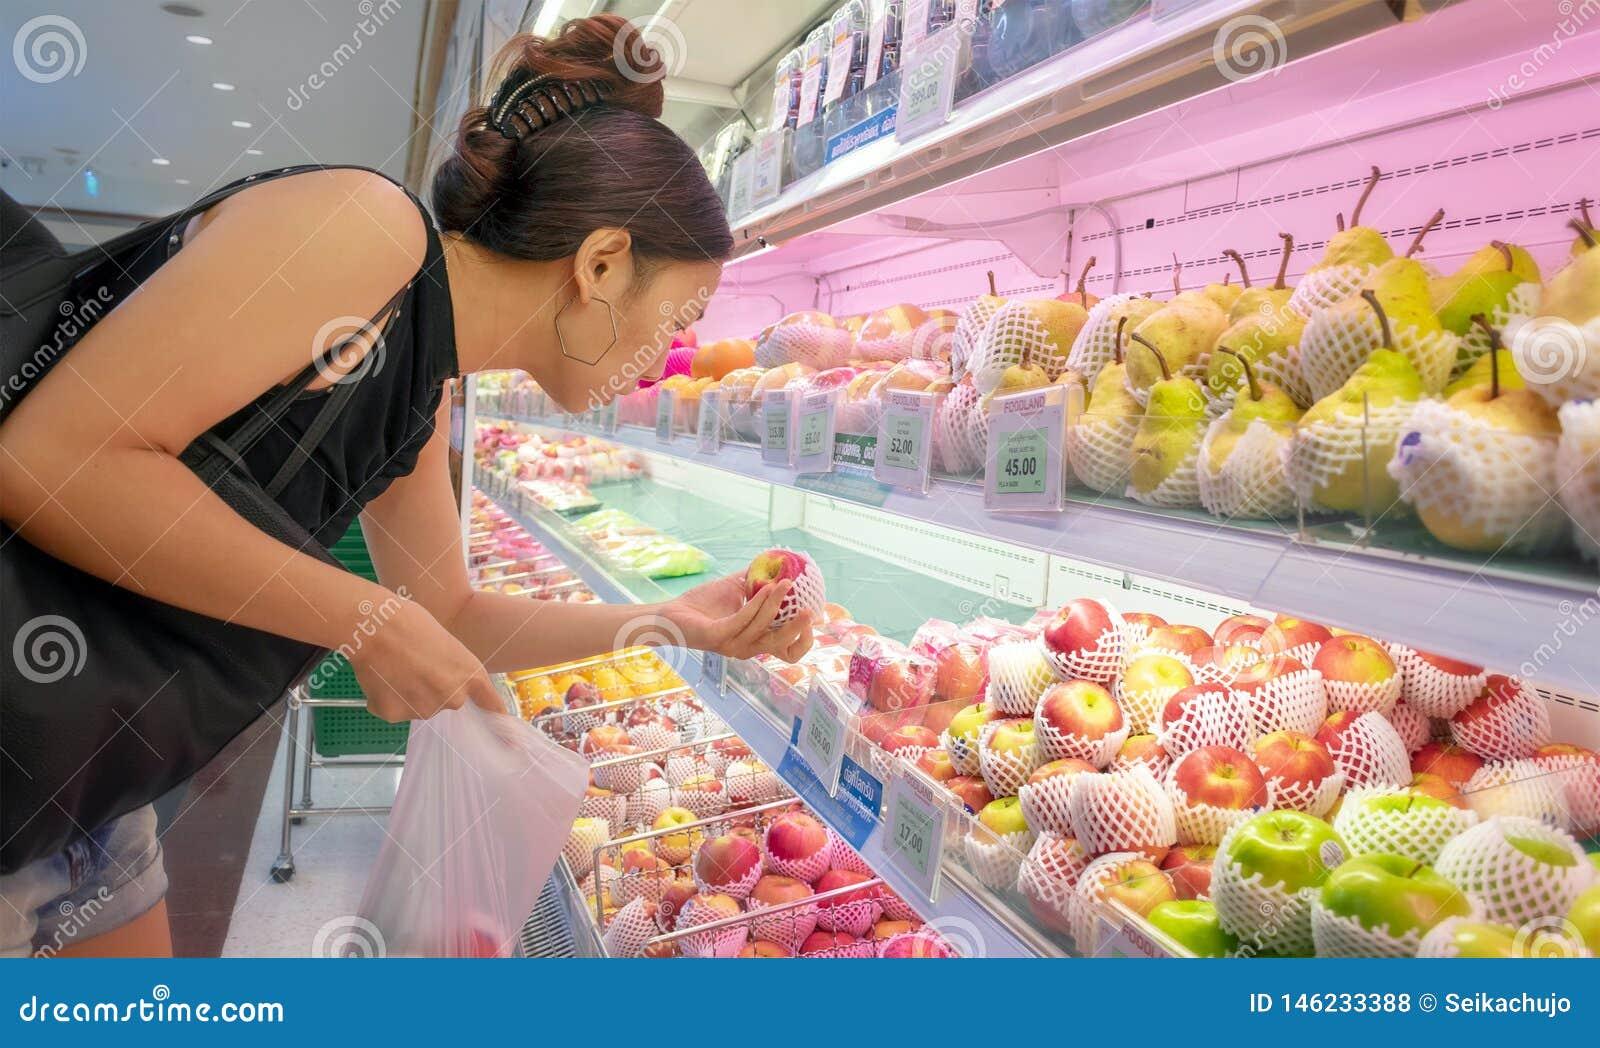 ΜΠΑΝΓΚΟΚ, ΤΑΪΛΑΝΔΗ - 28 ΑΠΡΙΛΊΟΥ: Απροσδιόριστος θηλυκά καταστήματα πελατών για τα μήλα στην υπεραγορά Foodland στη Μπανγκόκ στις